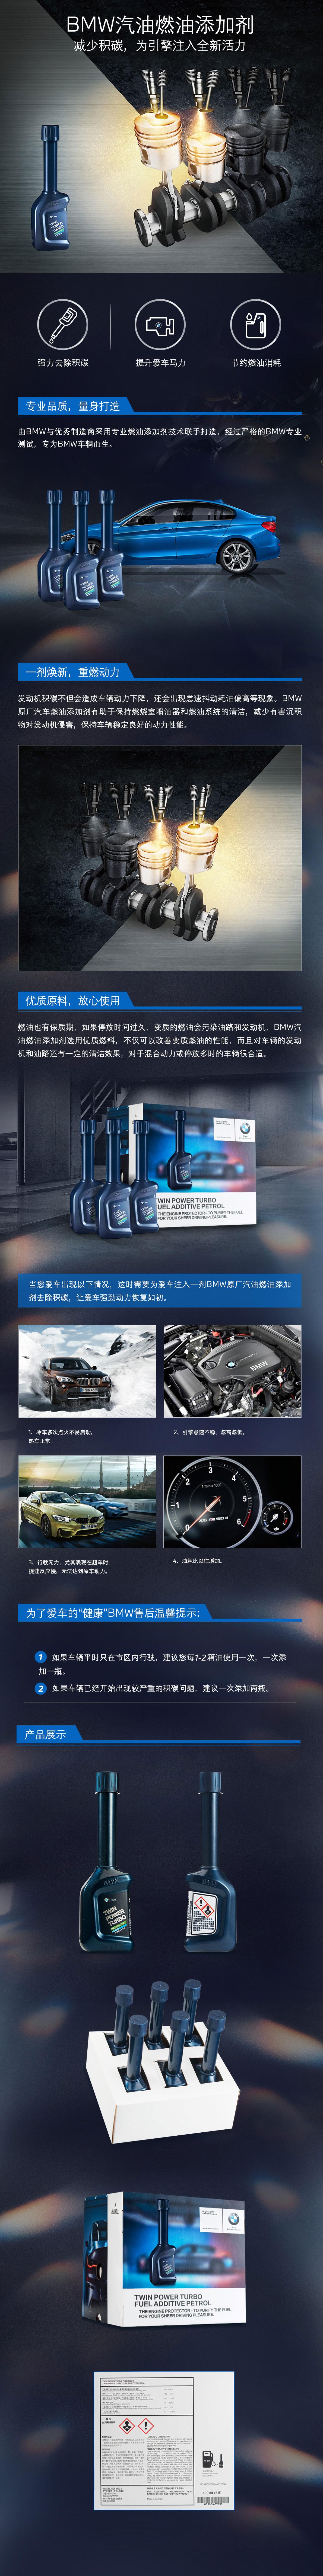 BMW 汽车 燃油添加剂